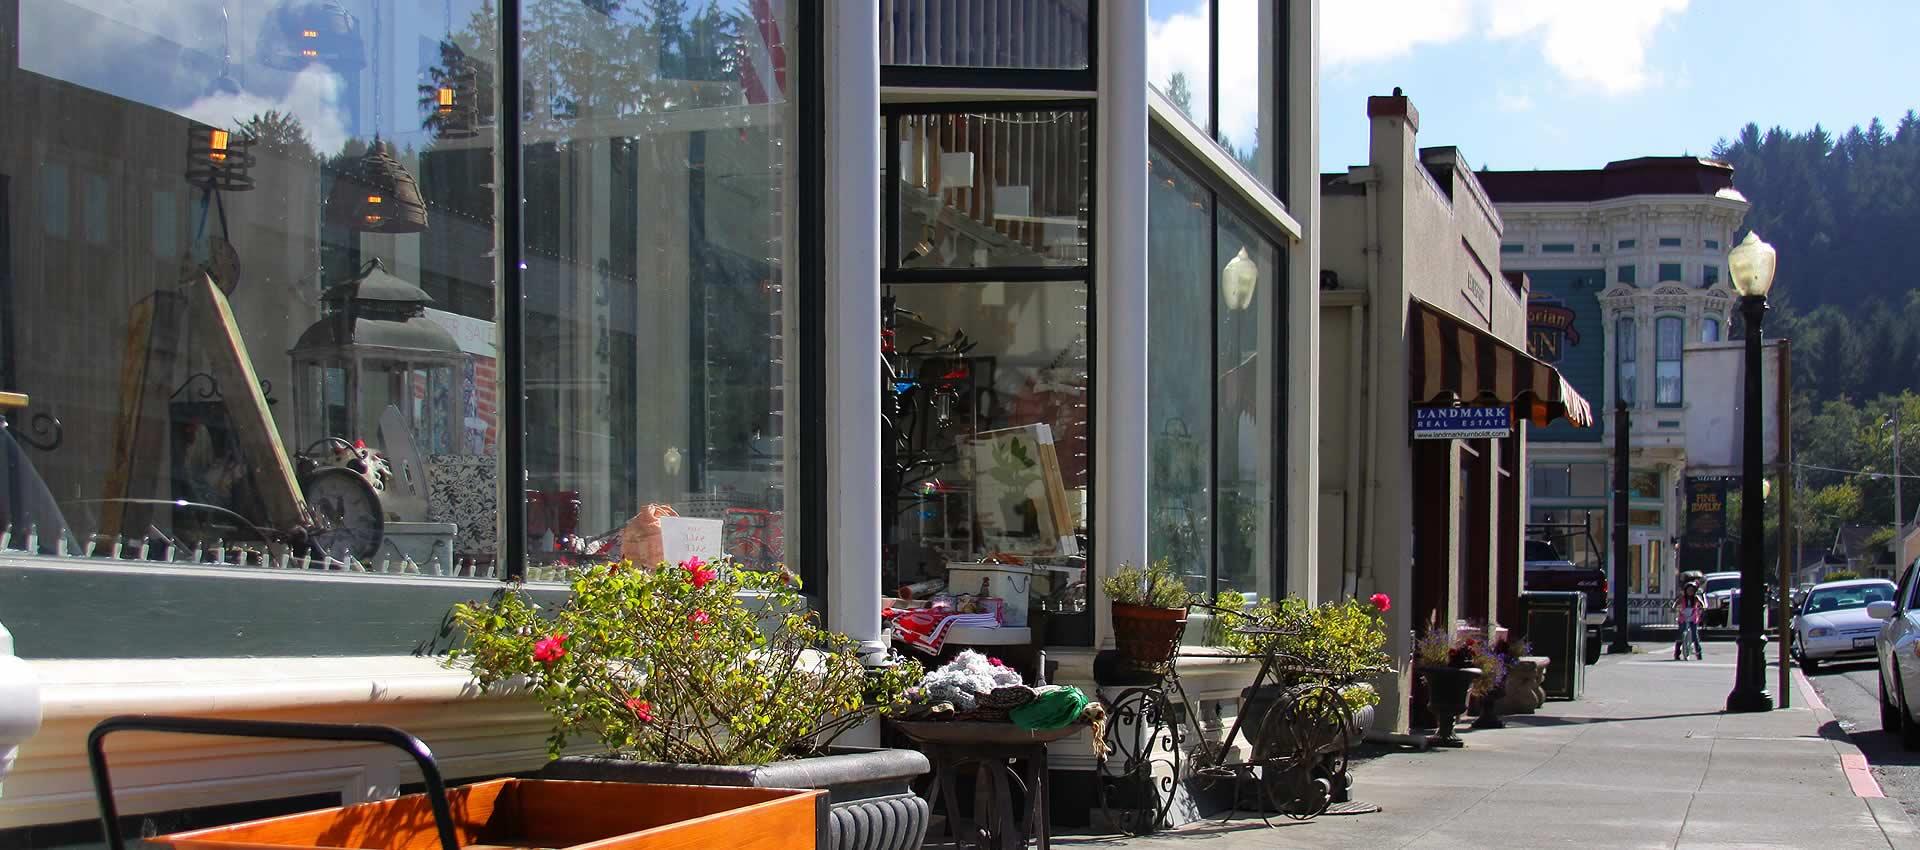 redwood-suites-ocean-stores